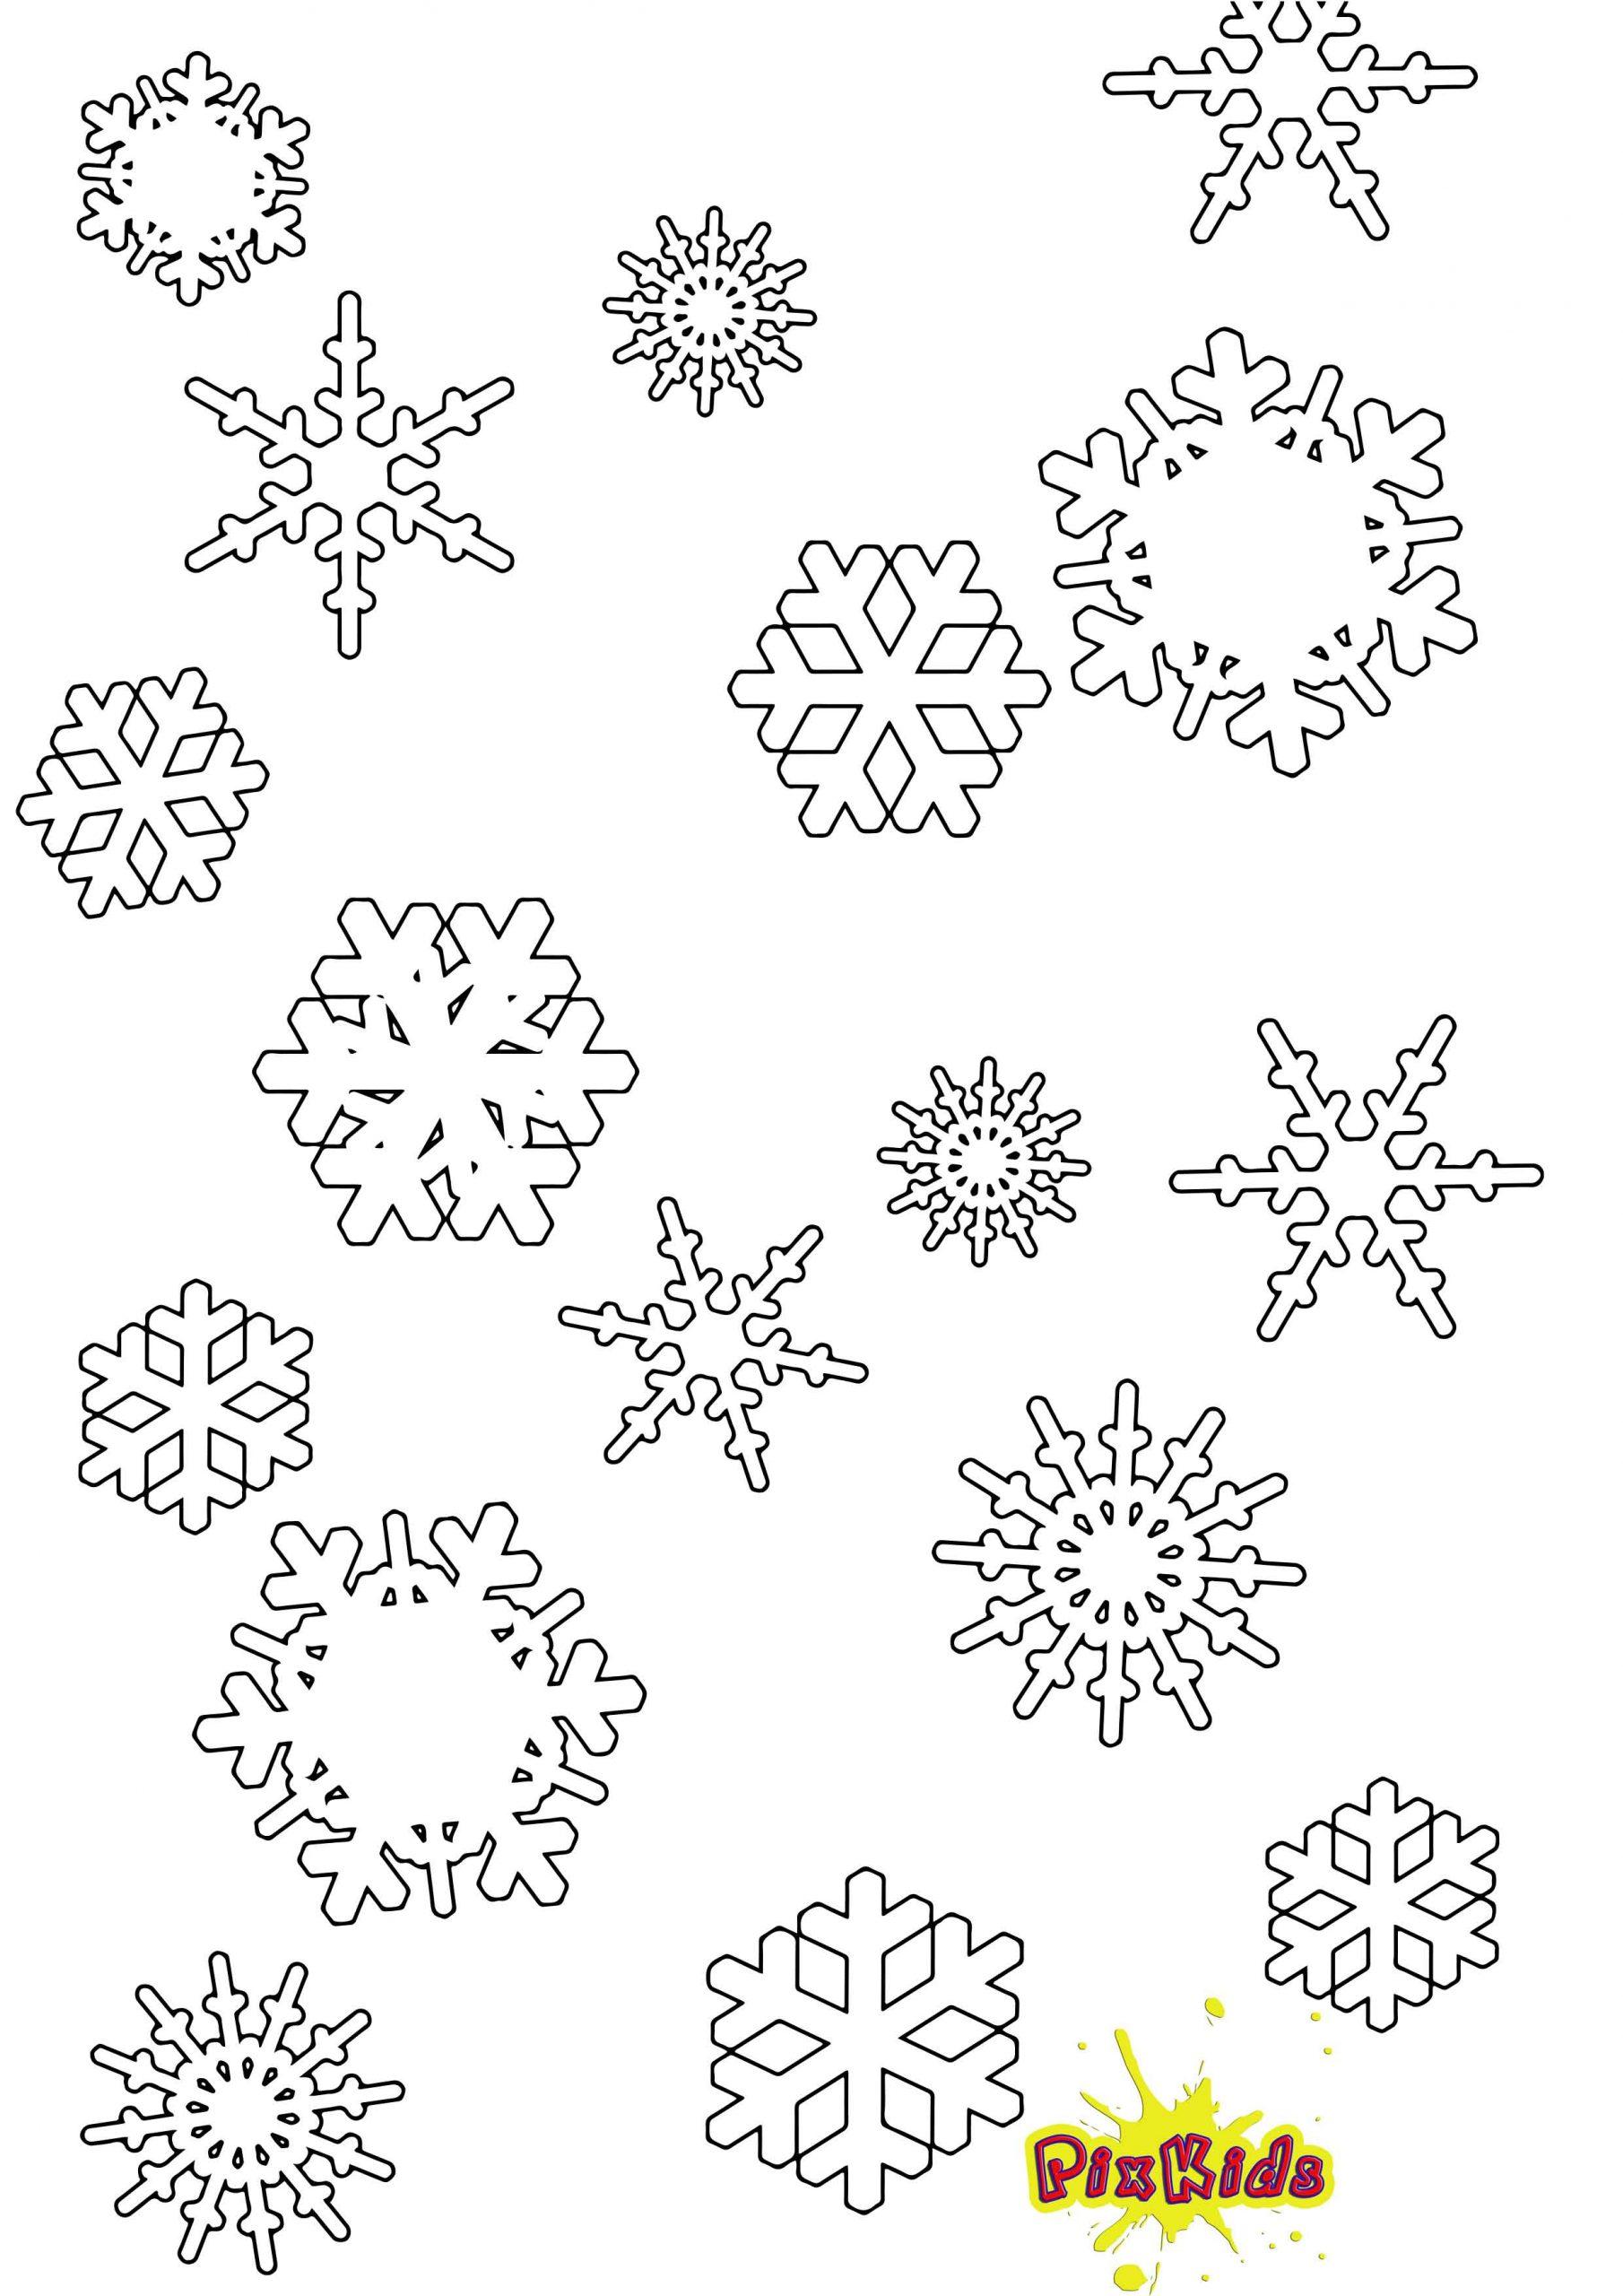 Disney Winter Malvorlagen - Malvorlagen Für Kinder innen Winterbilder Zum Ausdrucken